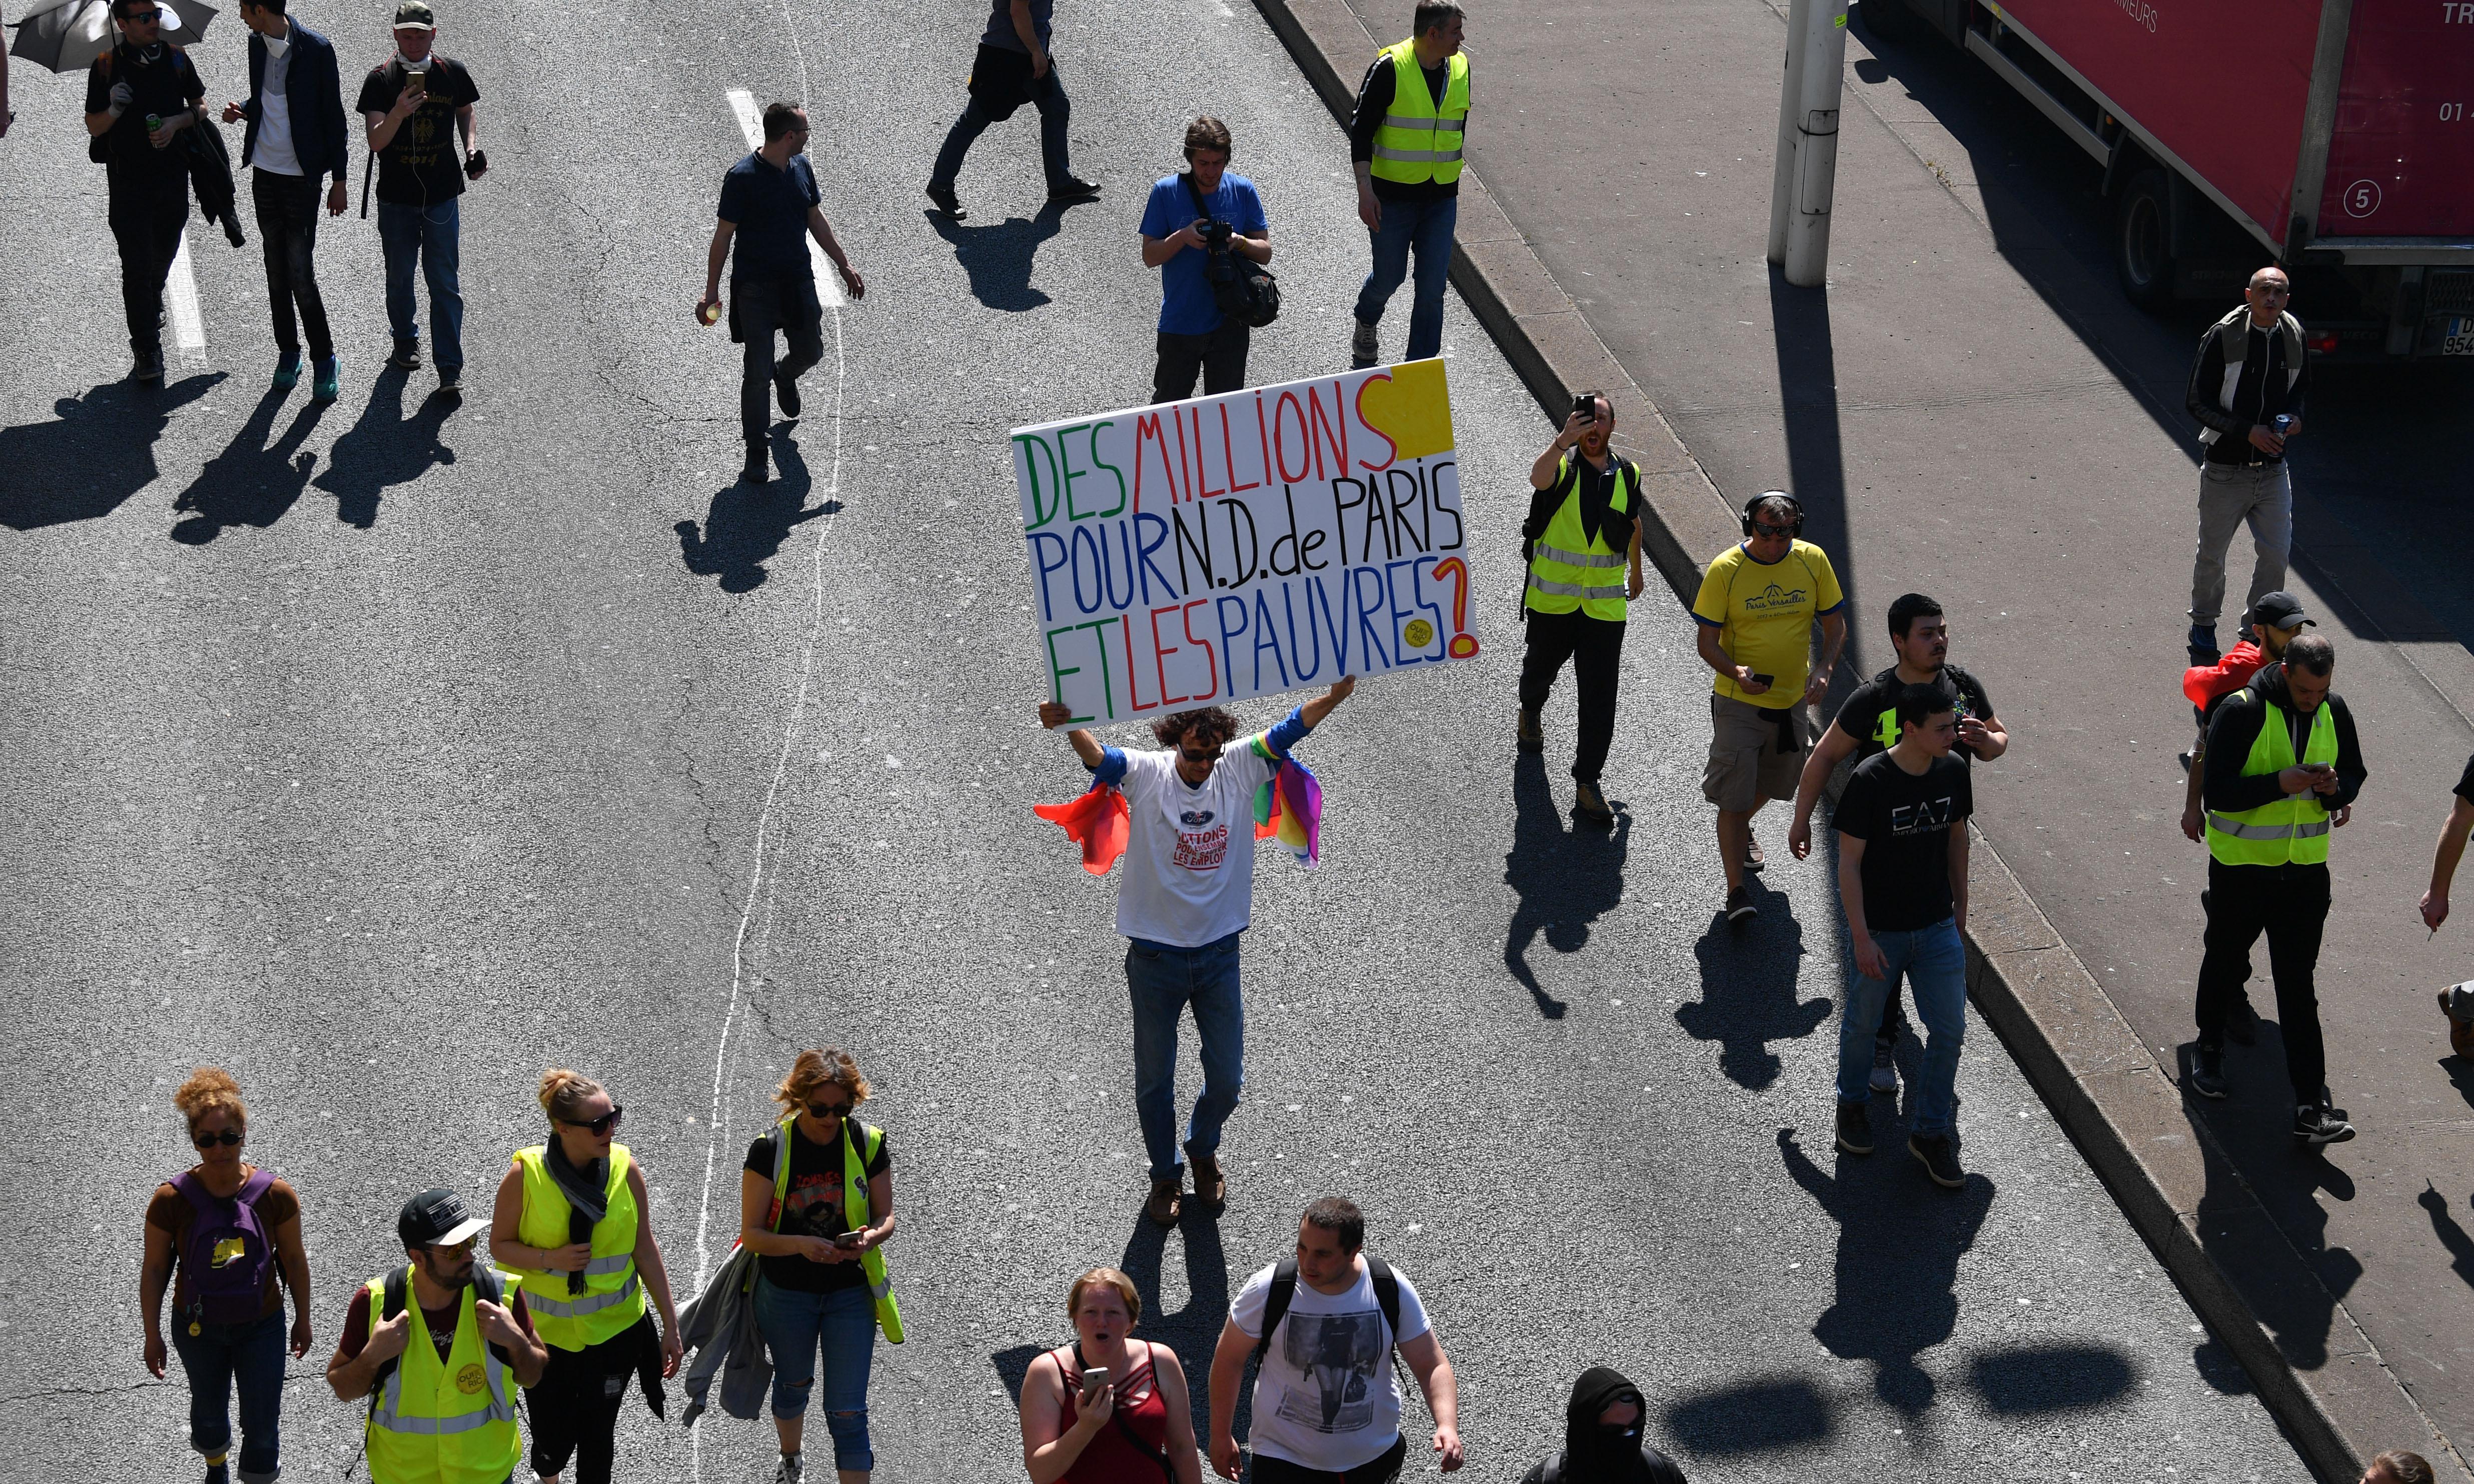 Notre Dame €1bn fund pits Paris against provinces